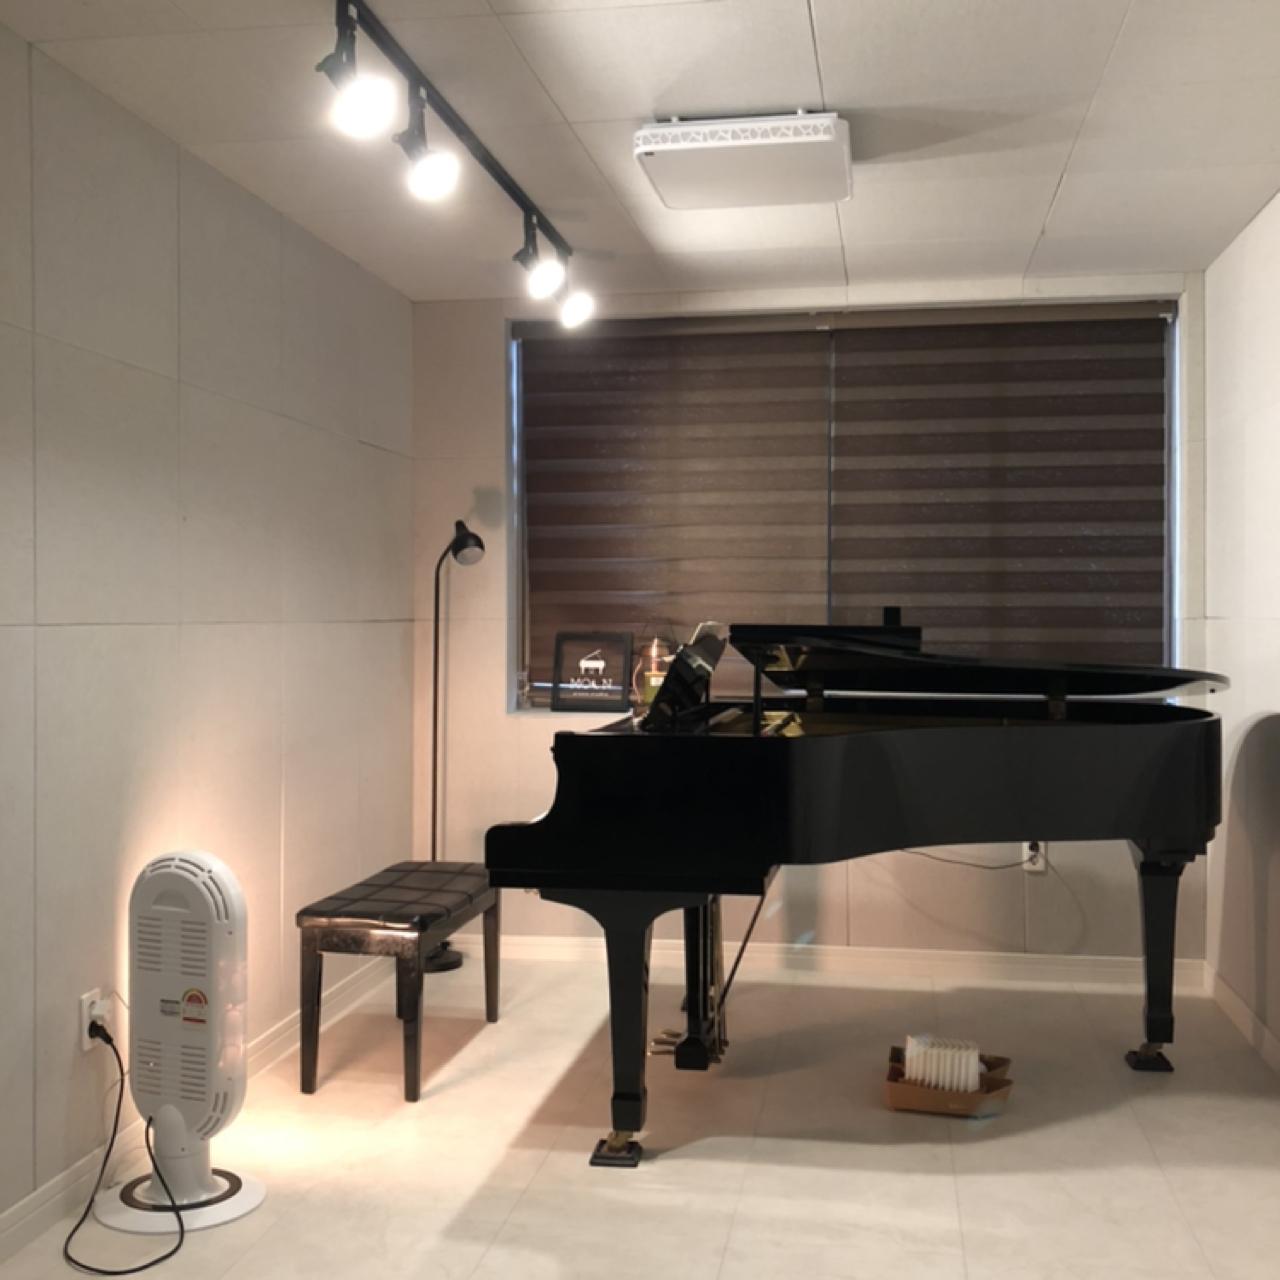 피아노 개인레슨 or 연습실 대여 합니다.